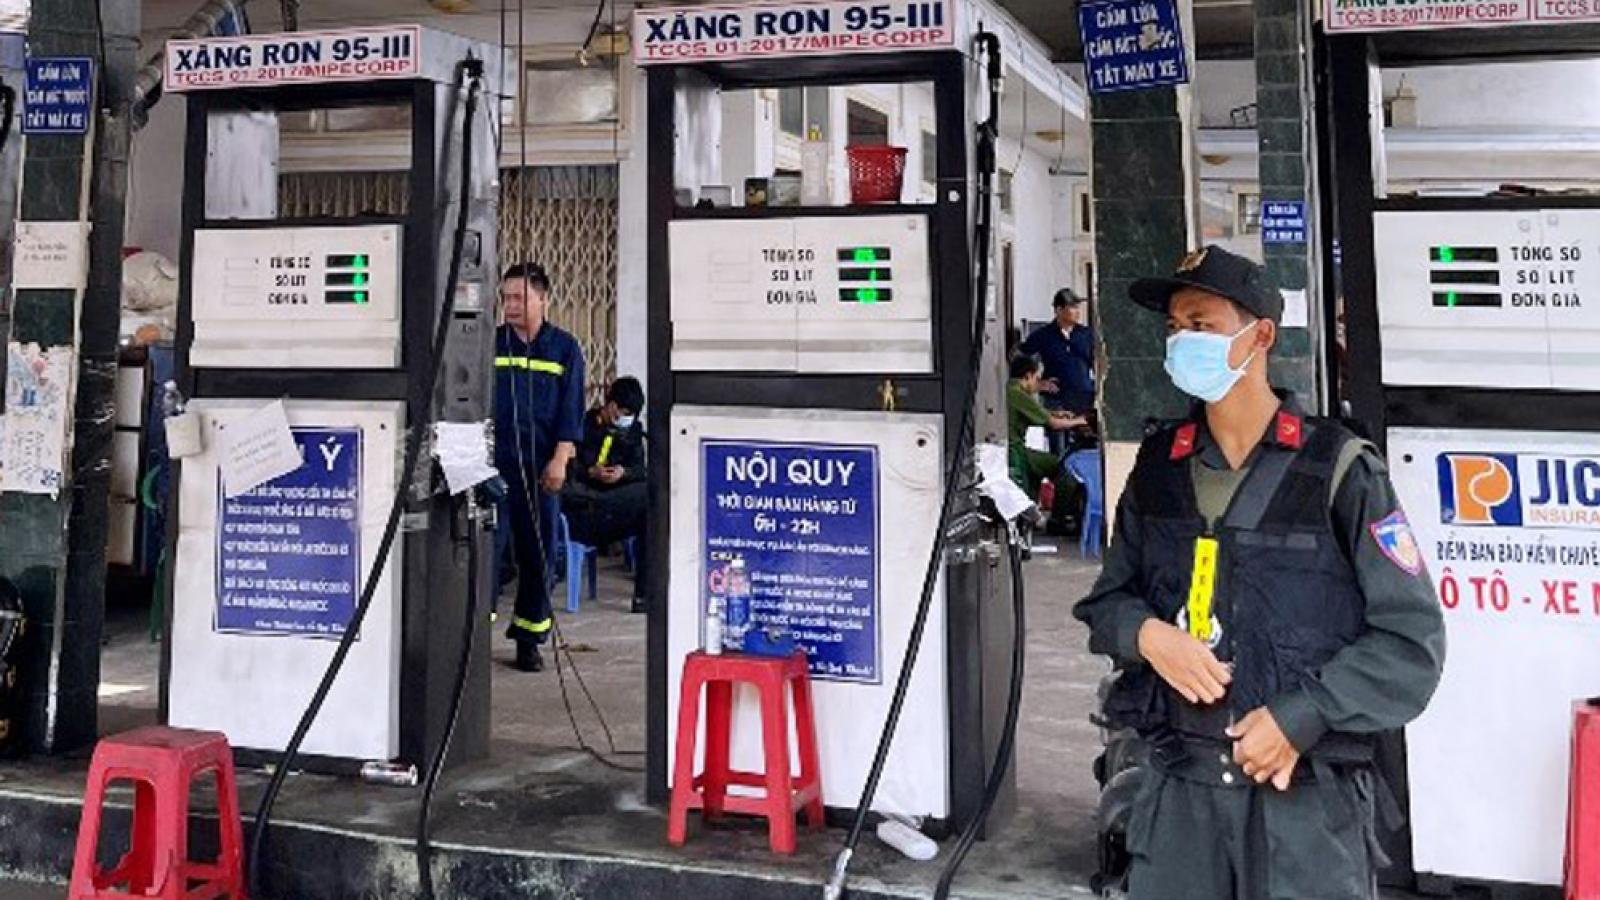 Khám xét hàng loạt địa điểm trong đường dây xăng lậu, xăng giả ở Đồng Nai